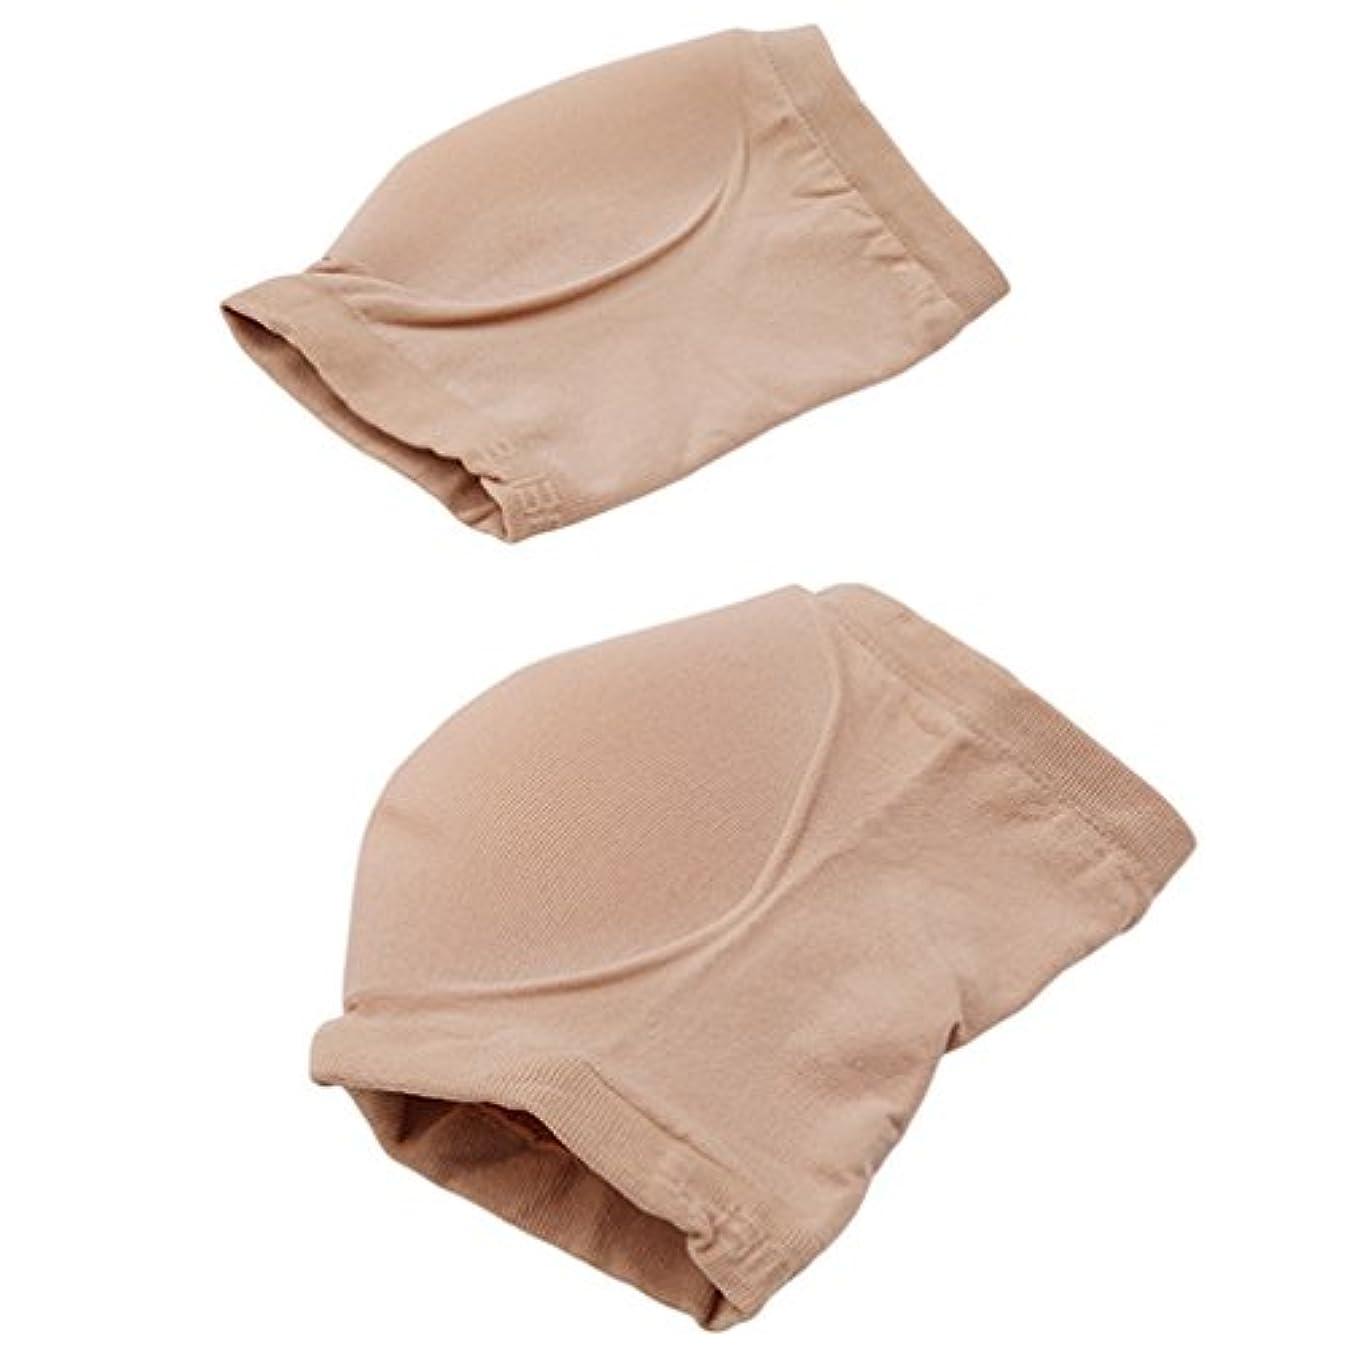 バッグテレマコス抹消MARUIKAO かかと ジェルサポーター ソックス 保湿 ケア 割れ かさかさ 防止 美かかとづくり スキンSコード